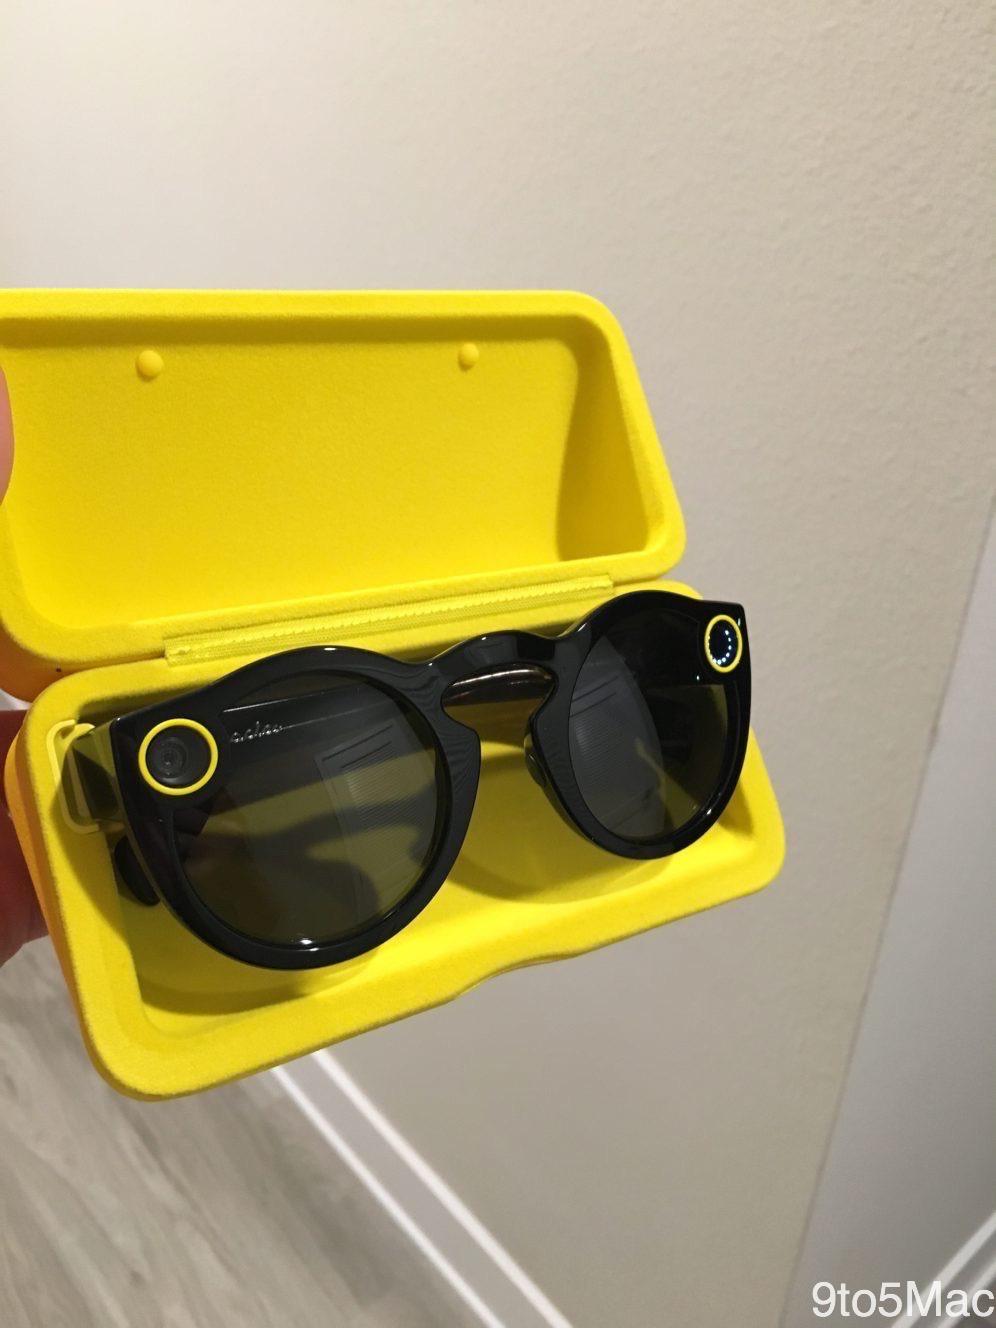 22a945ca43f7c Snapchat vend ses 1res lunettes dans la rue : elles s'arrachent ...